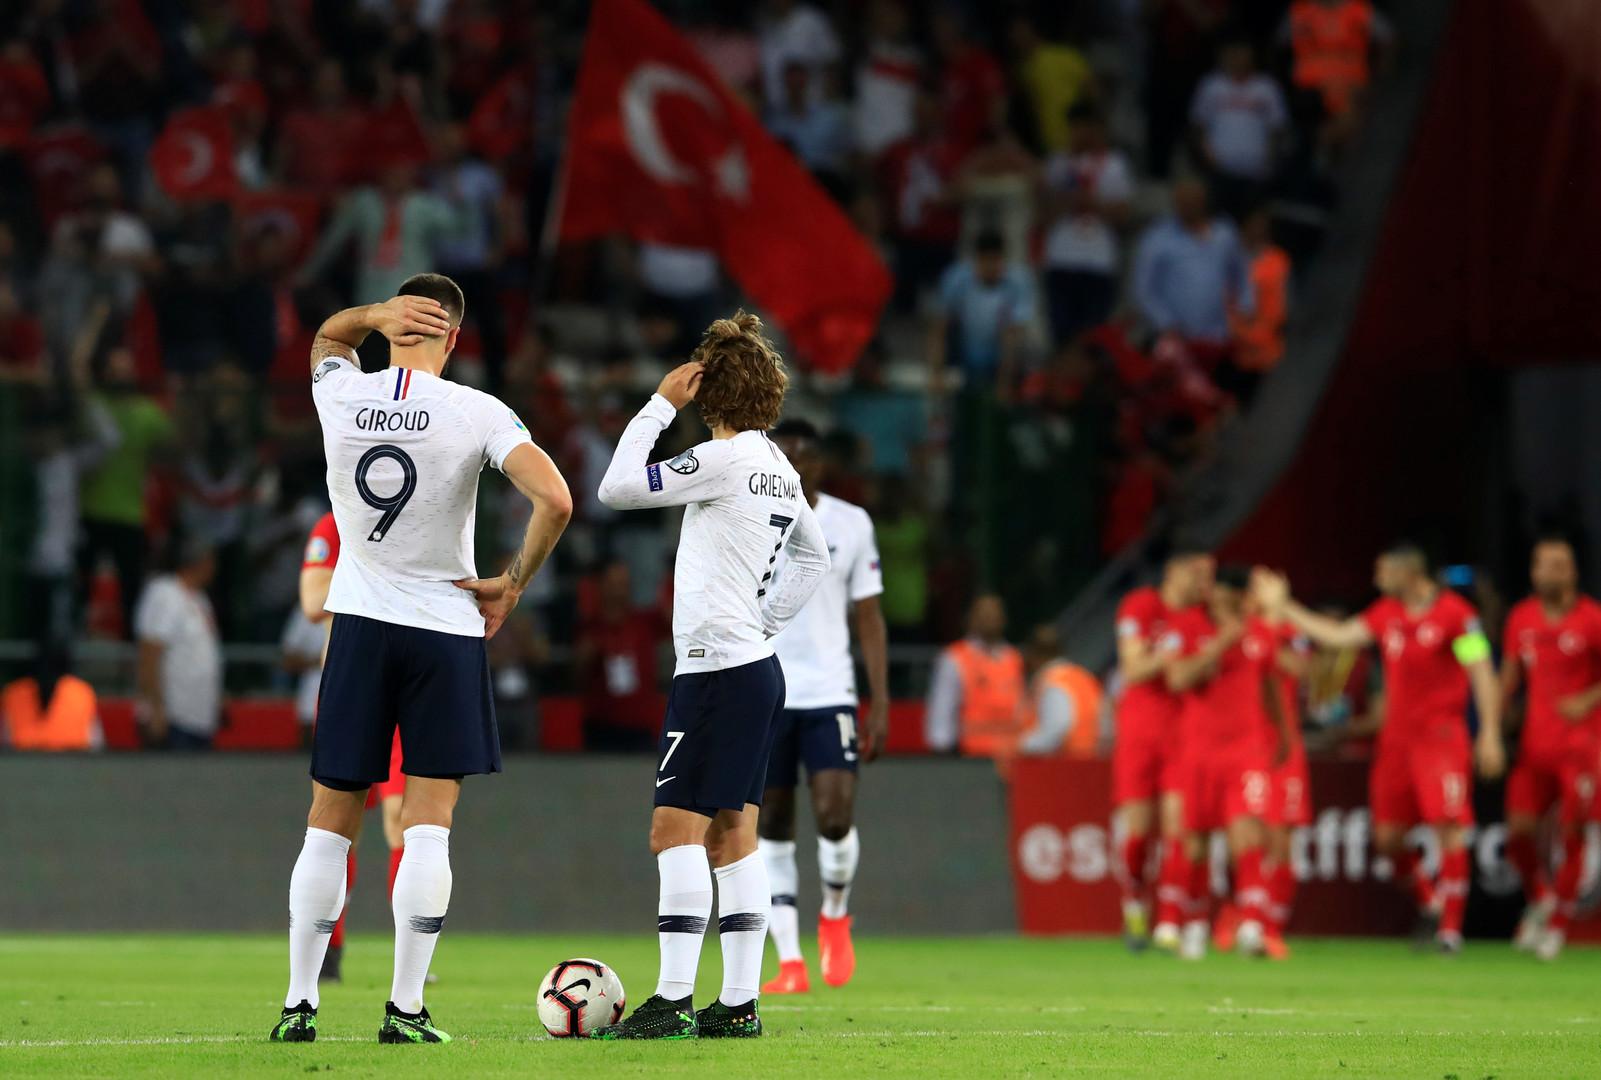 تركيا تسقط فرنسا  بطلة العالم  في تصفيات  يورو 2020  -